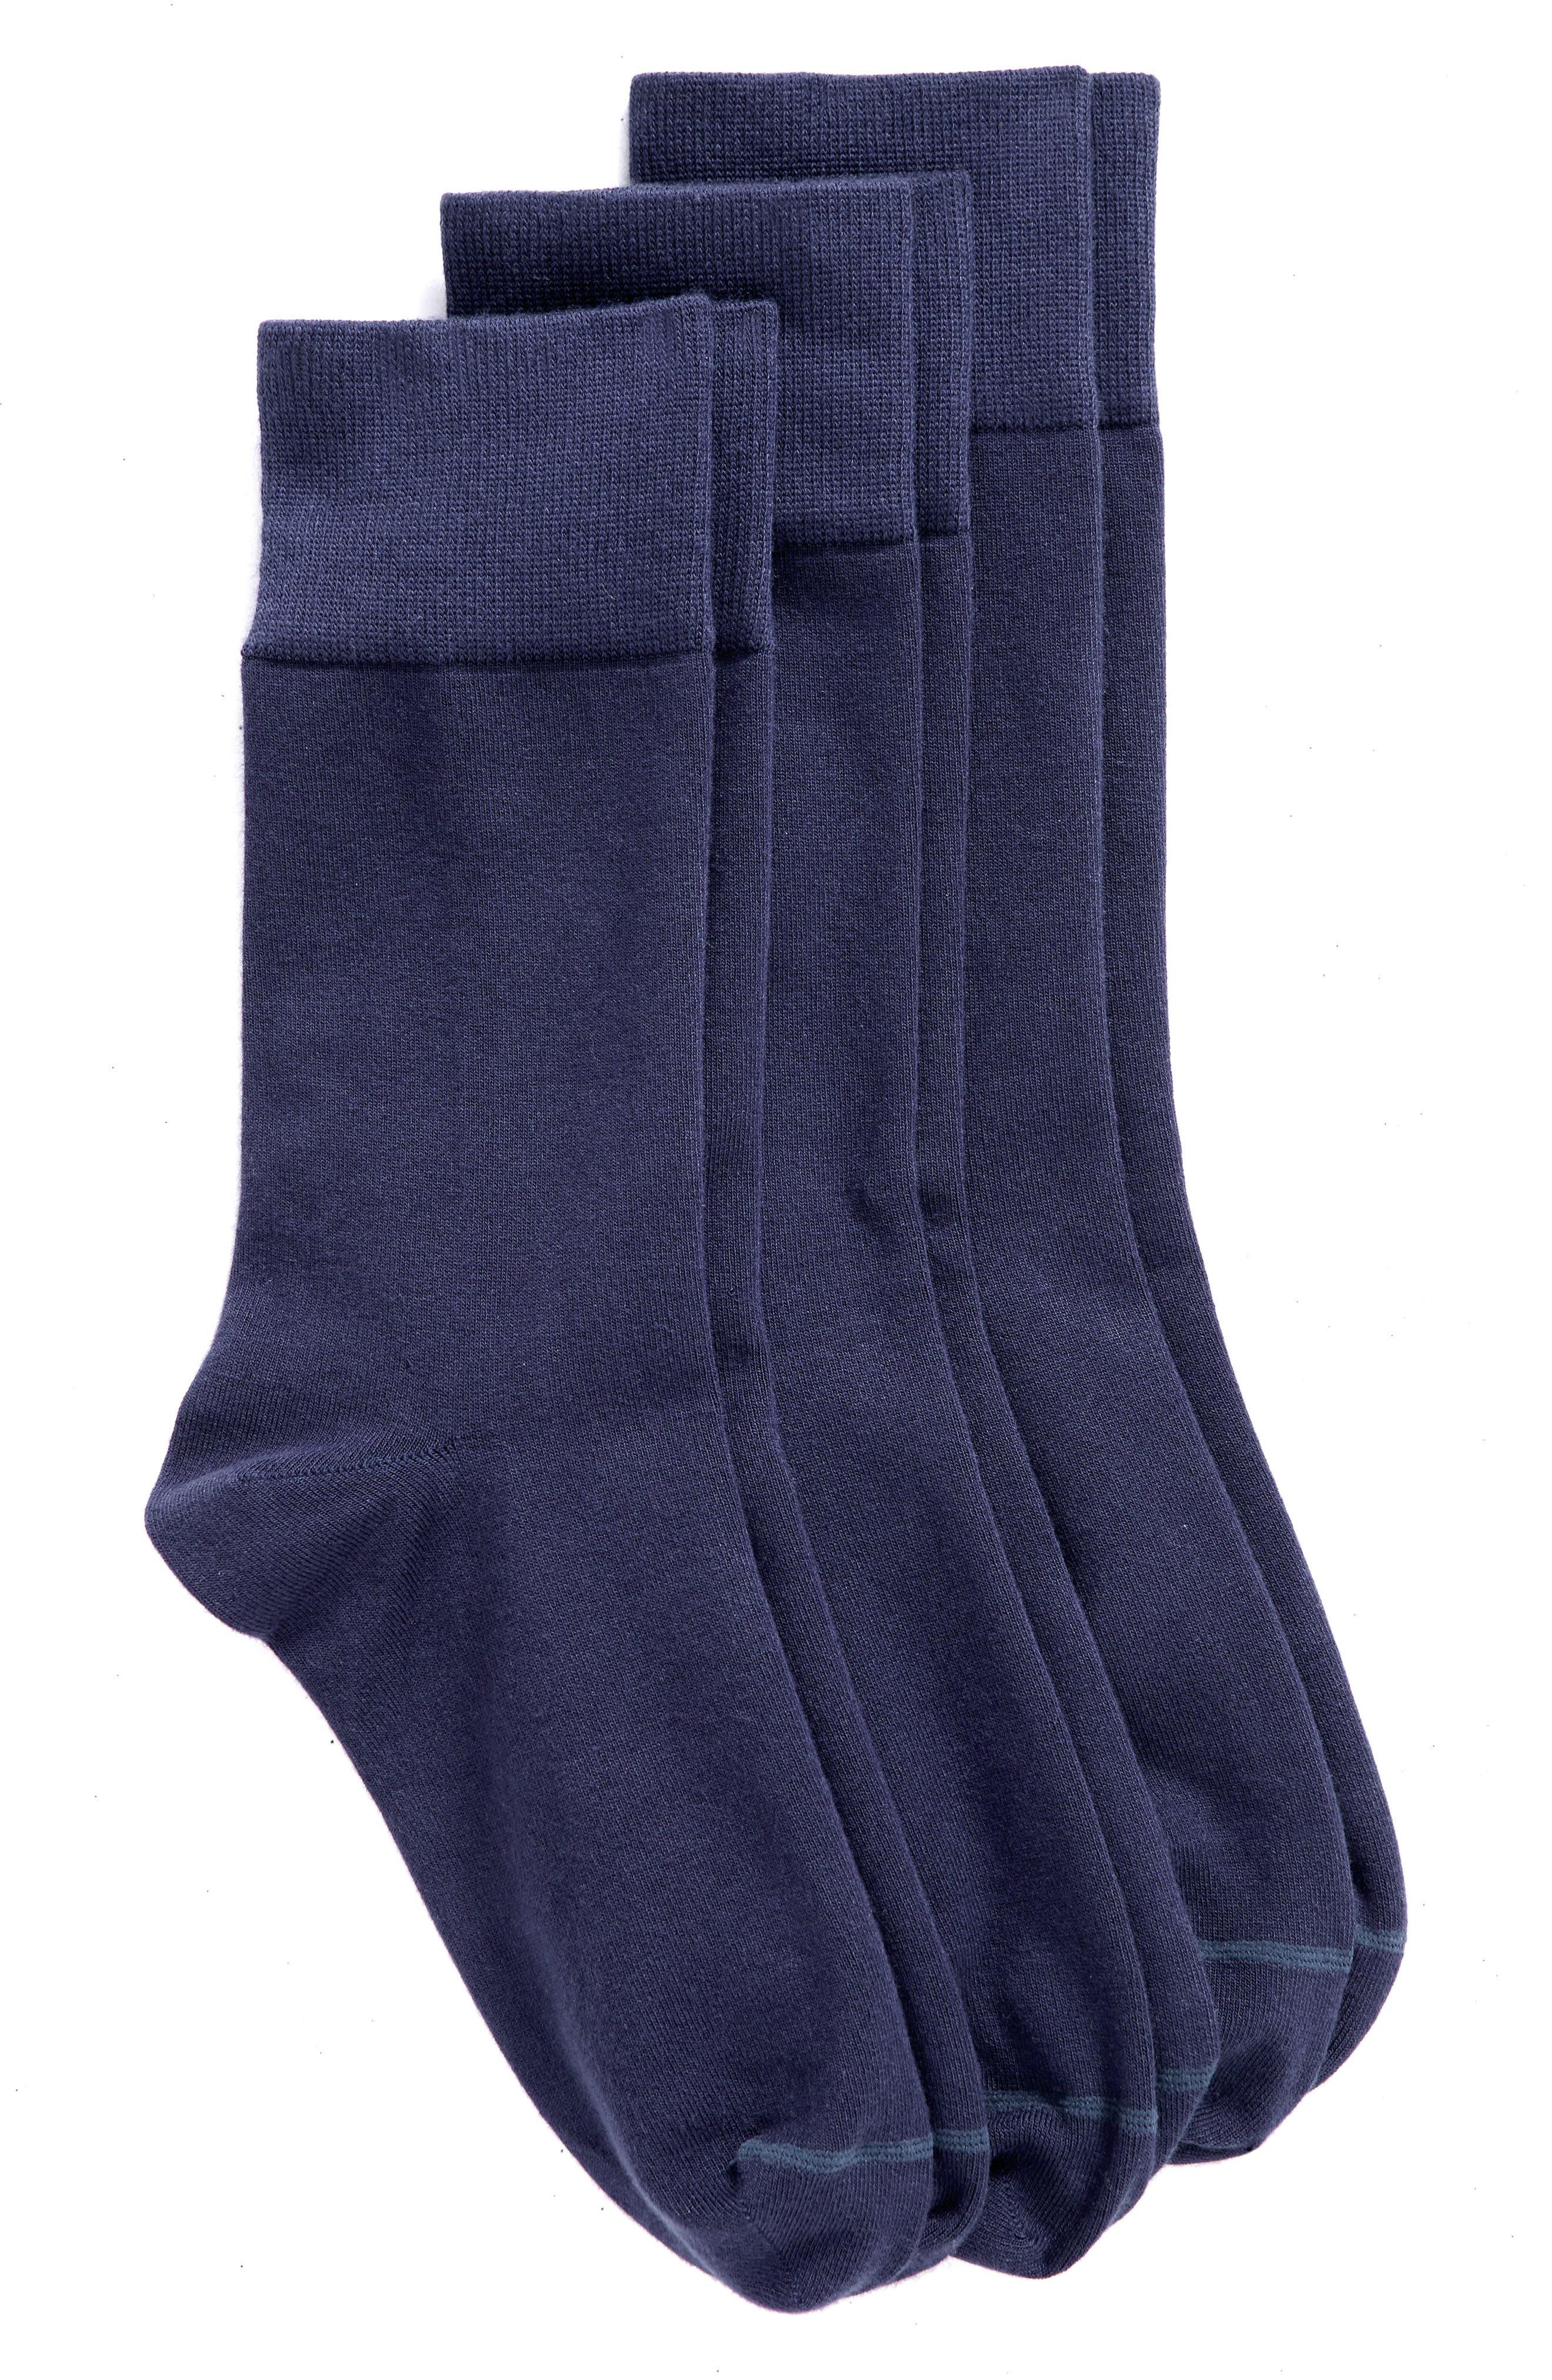 Nordstrom Crew Socks (3-Pack)